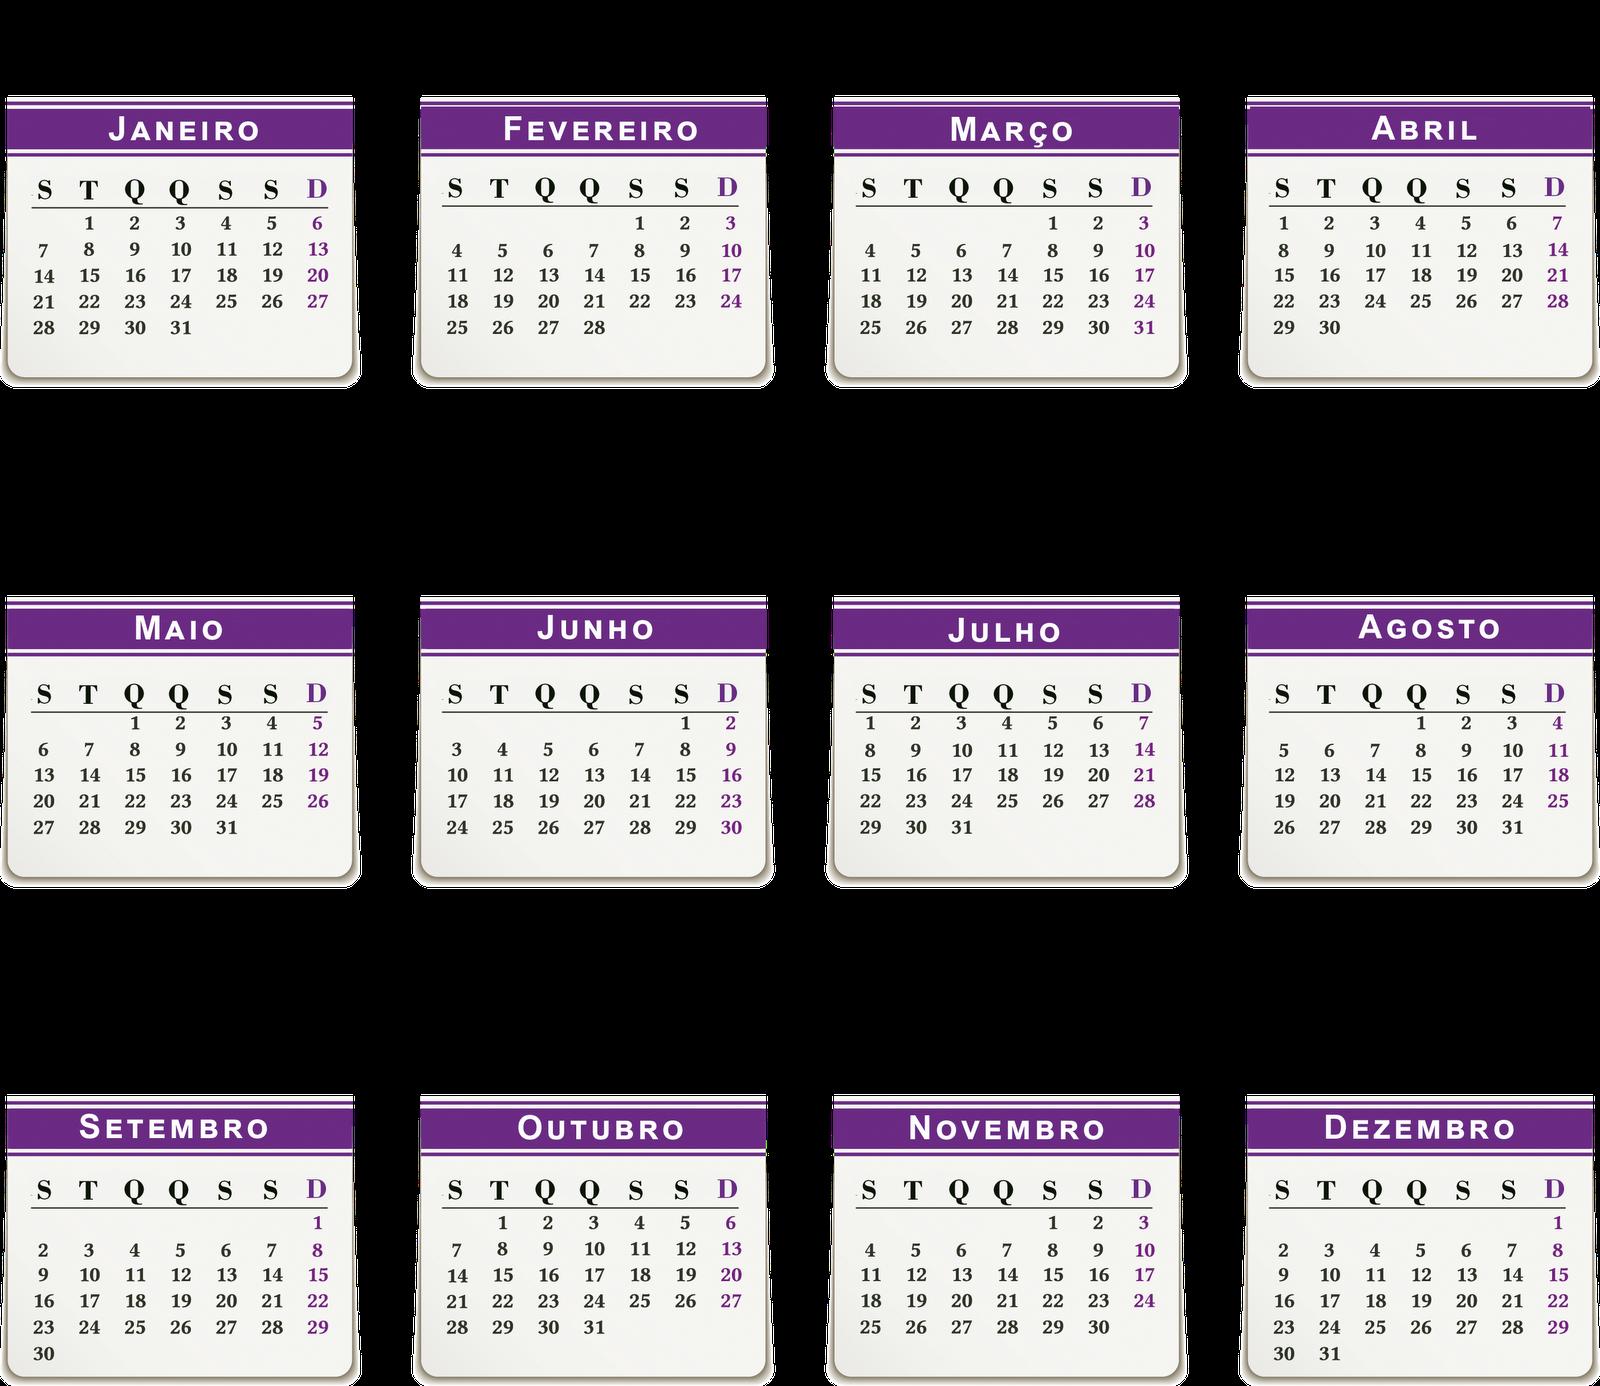 Mais 3 bases de calendário 2013 em português em alta resolução